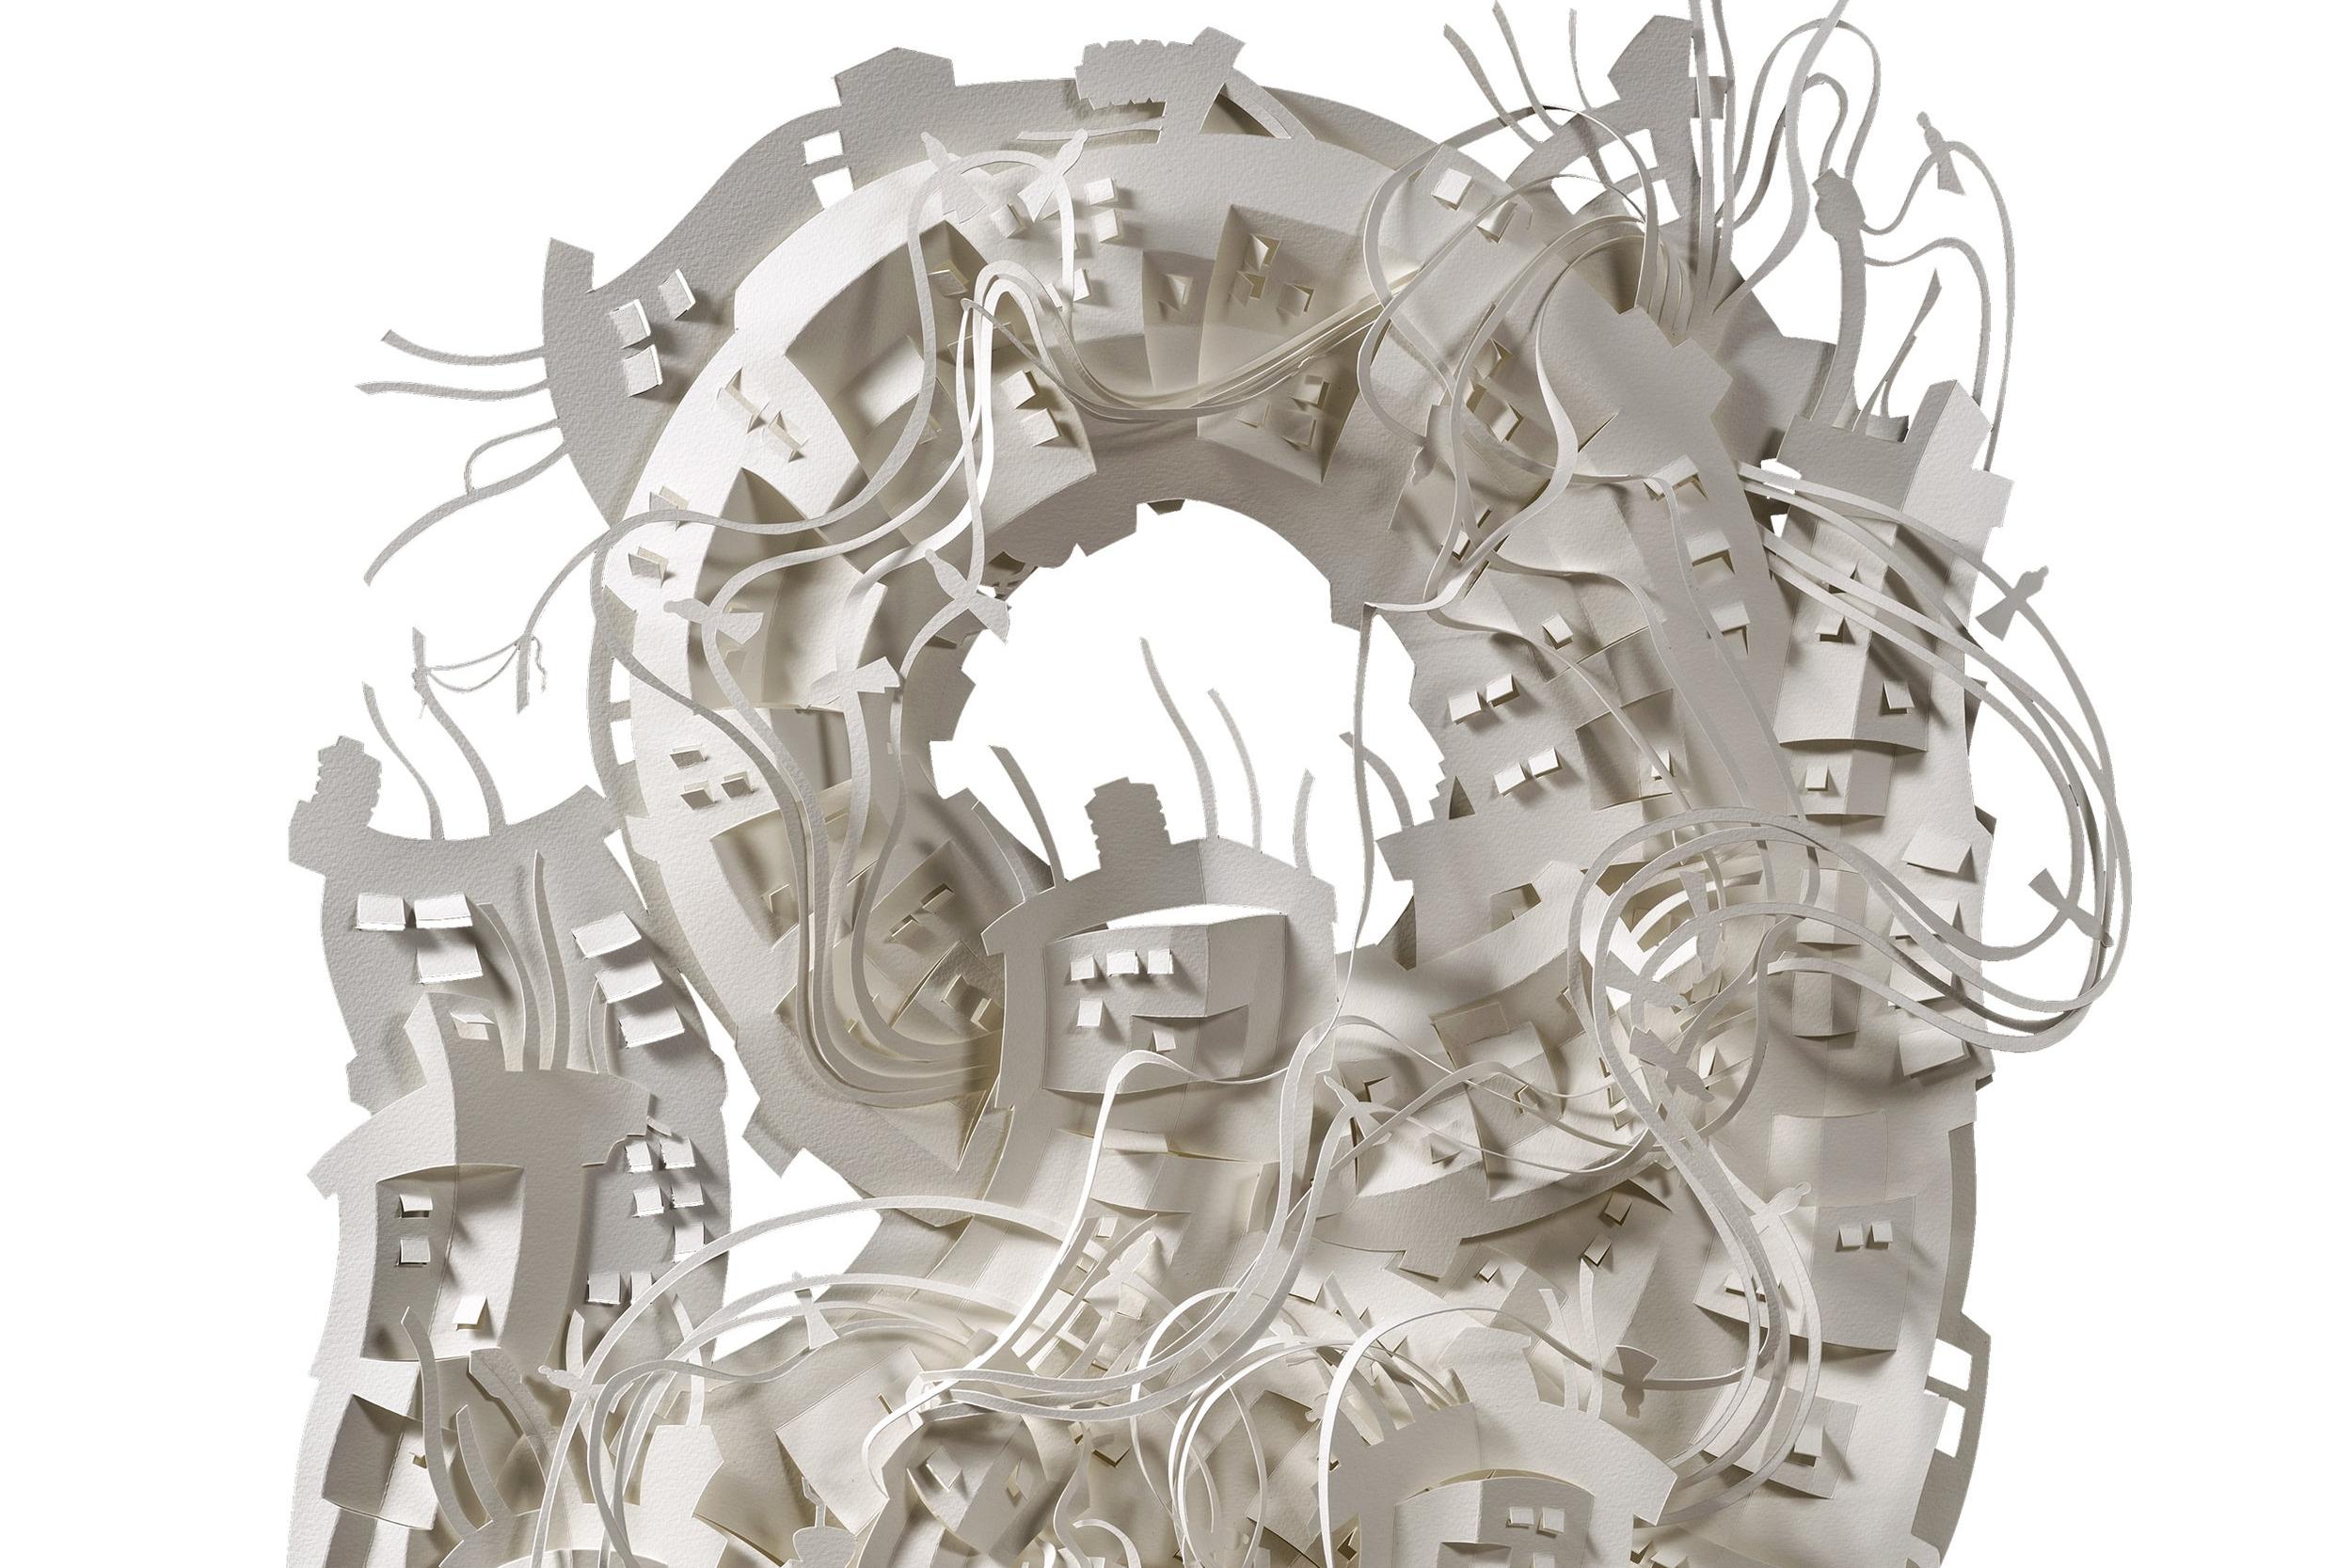 SACHIN GEORGE SEBASTIAN |  Sites of Metamorphosis  25 July - 20 August